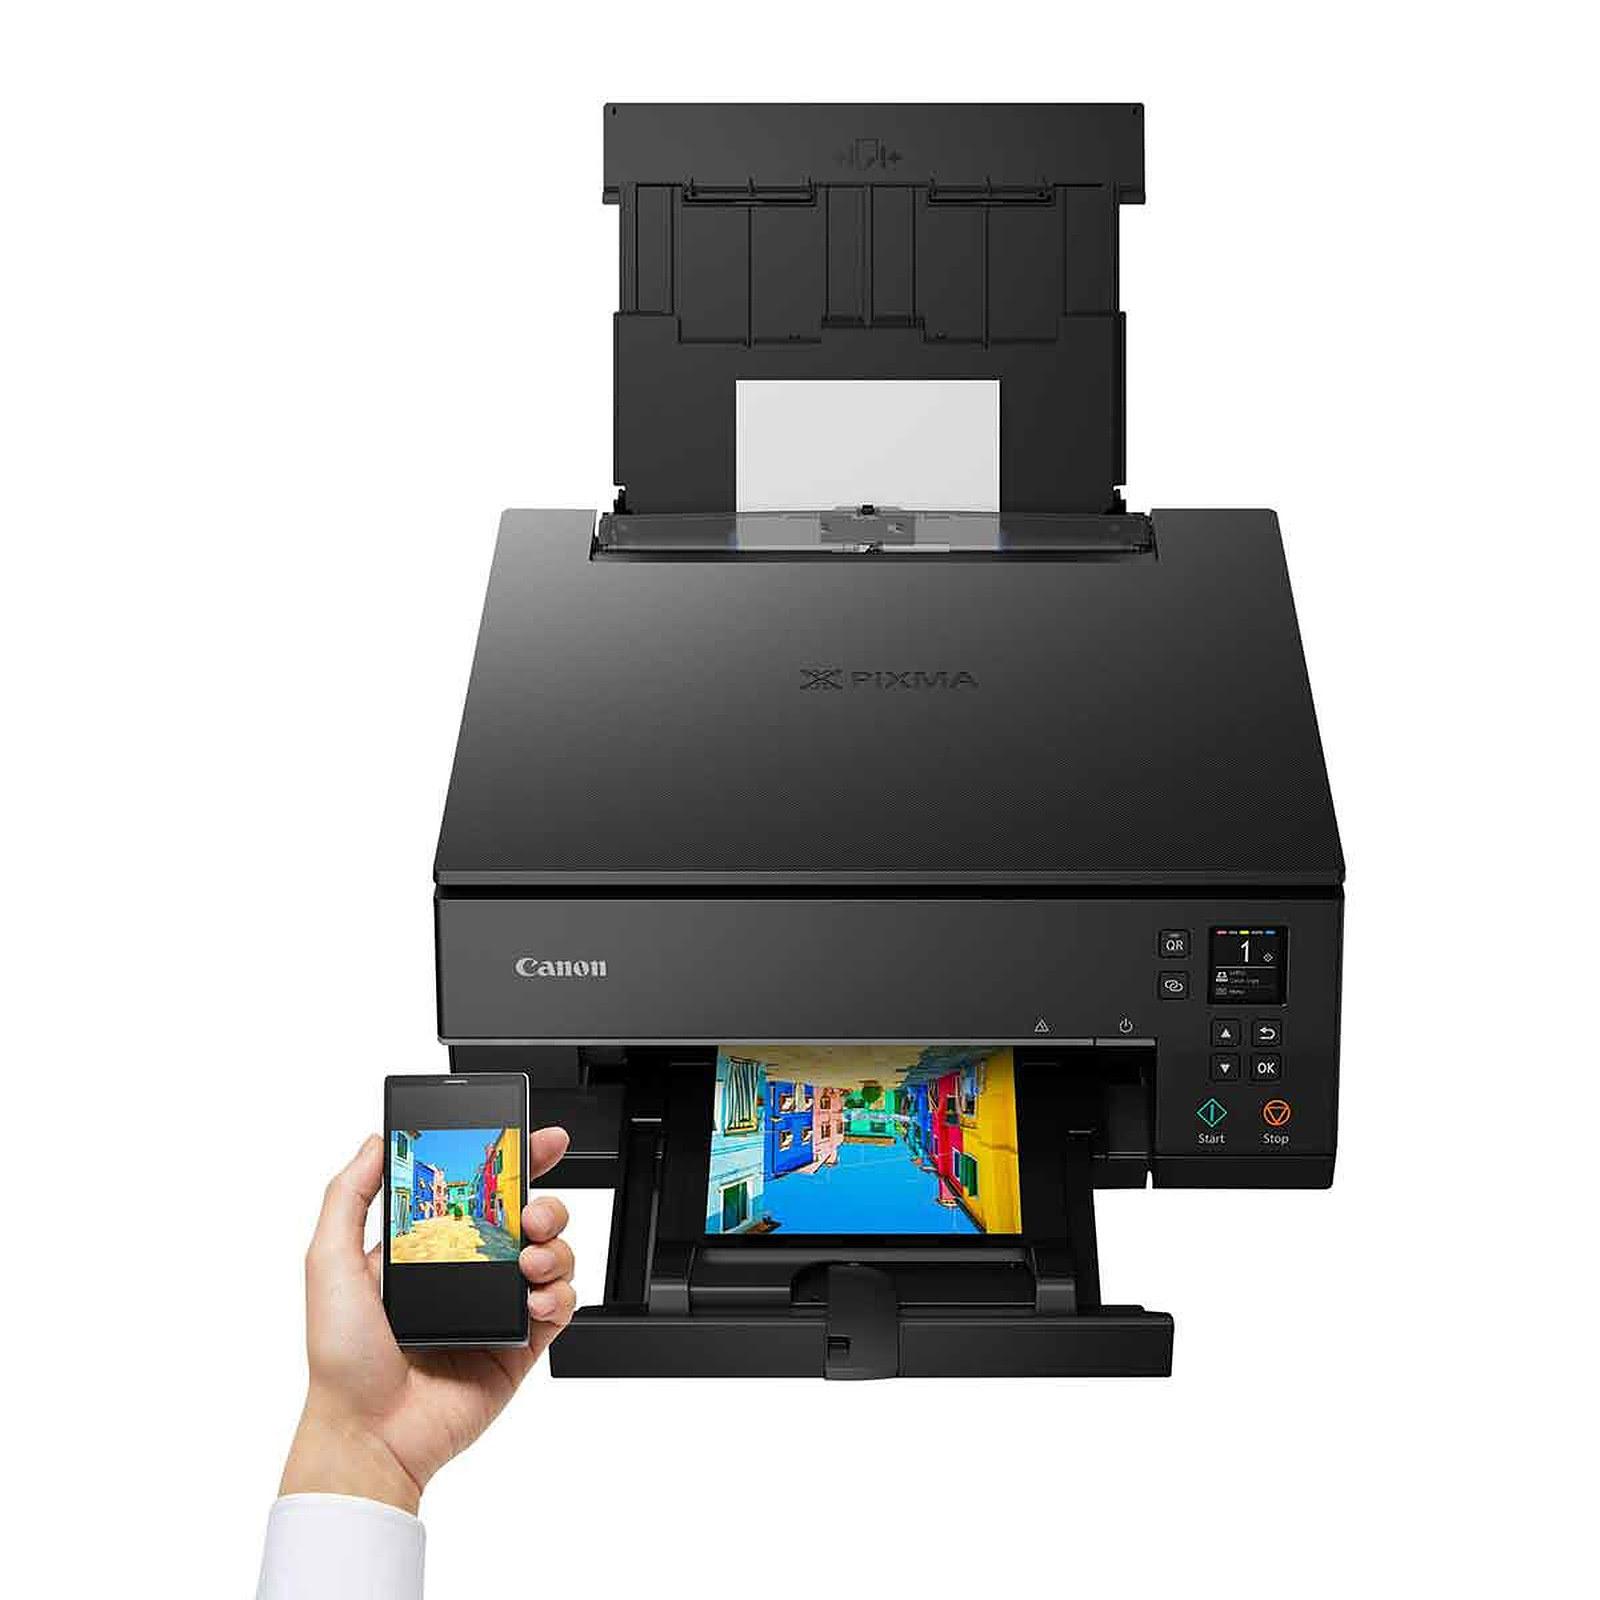 Imprimante multifonction Canon PIXMA TS6350 - Cybertek.fr - 1